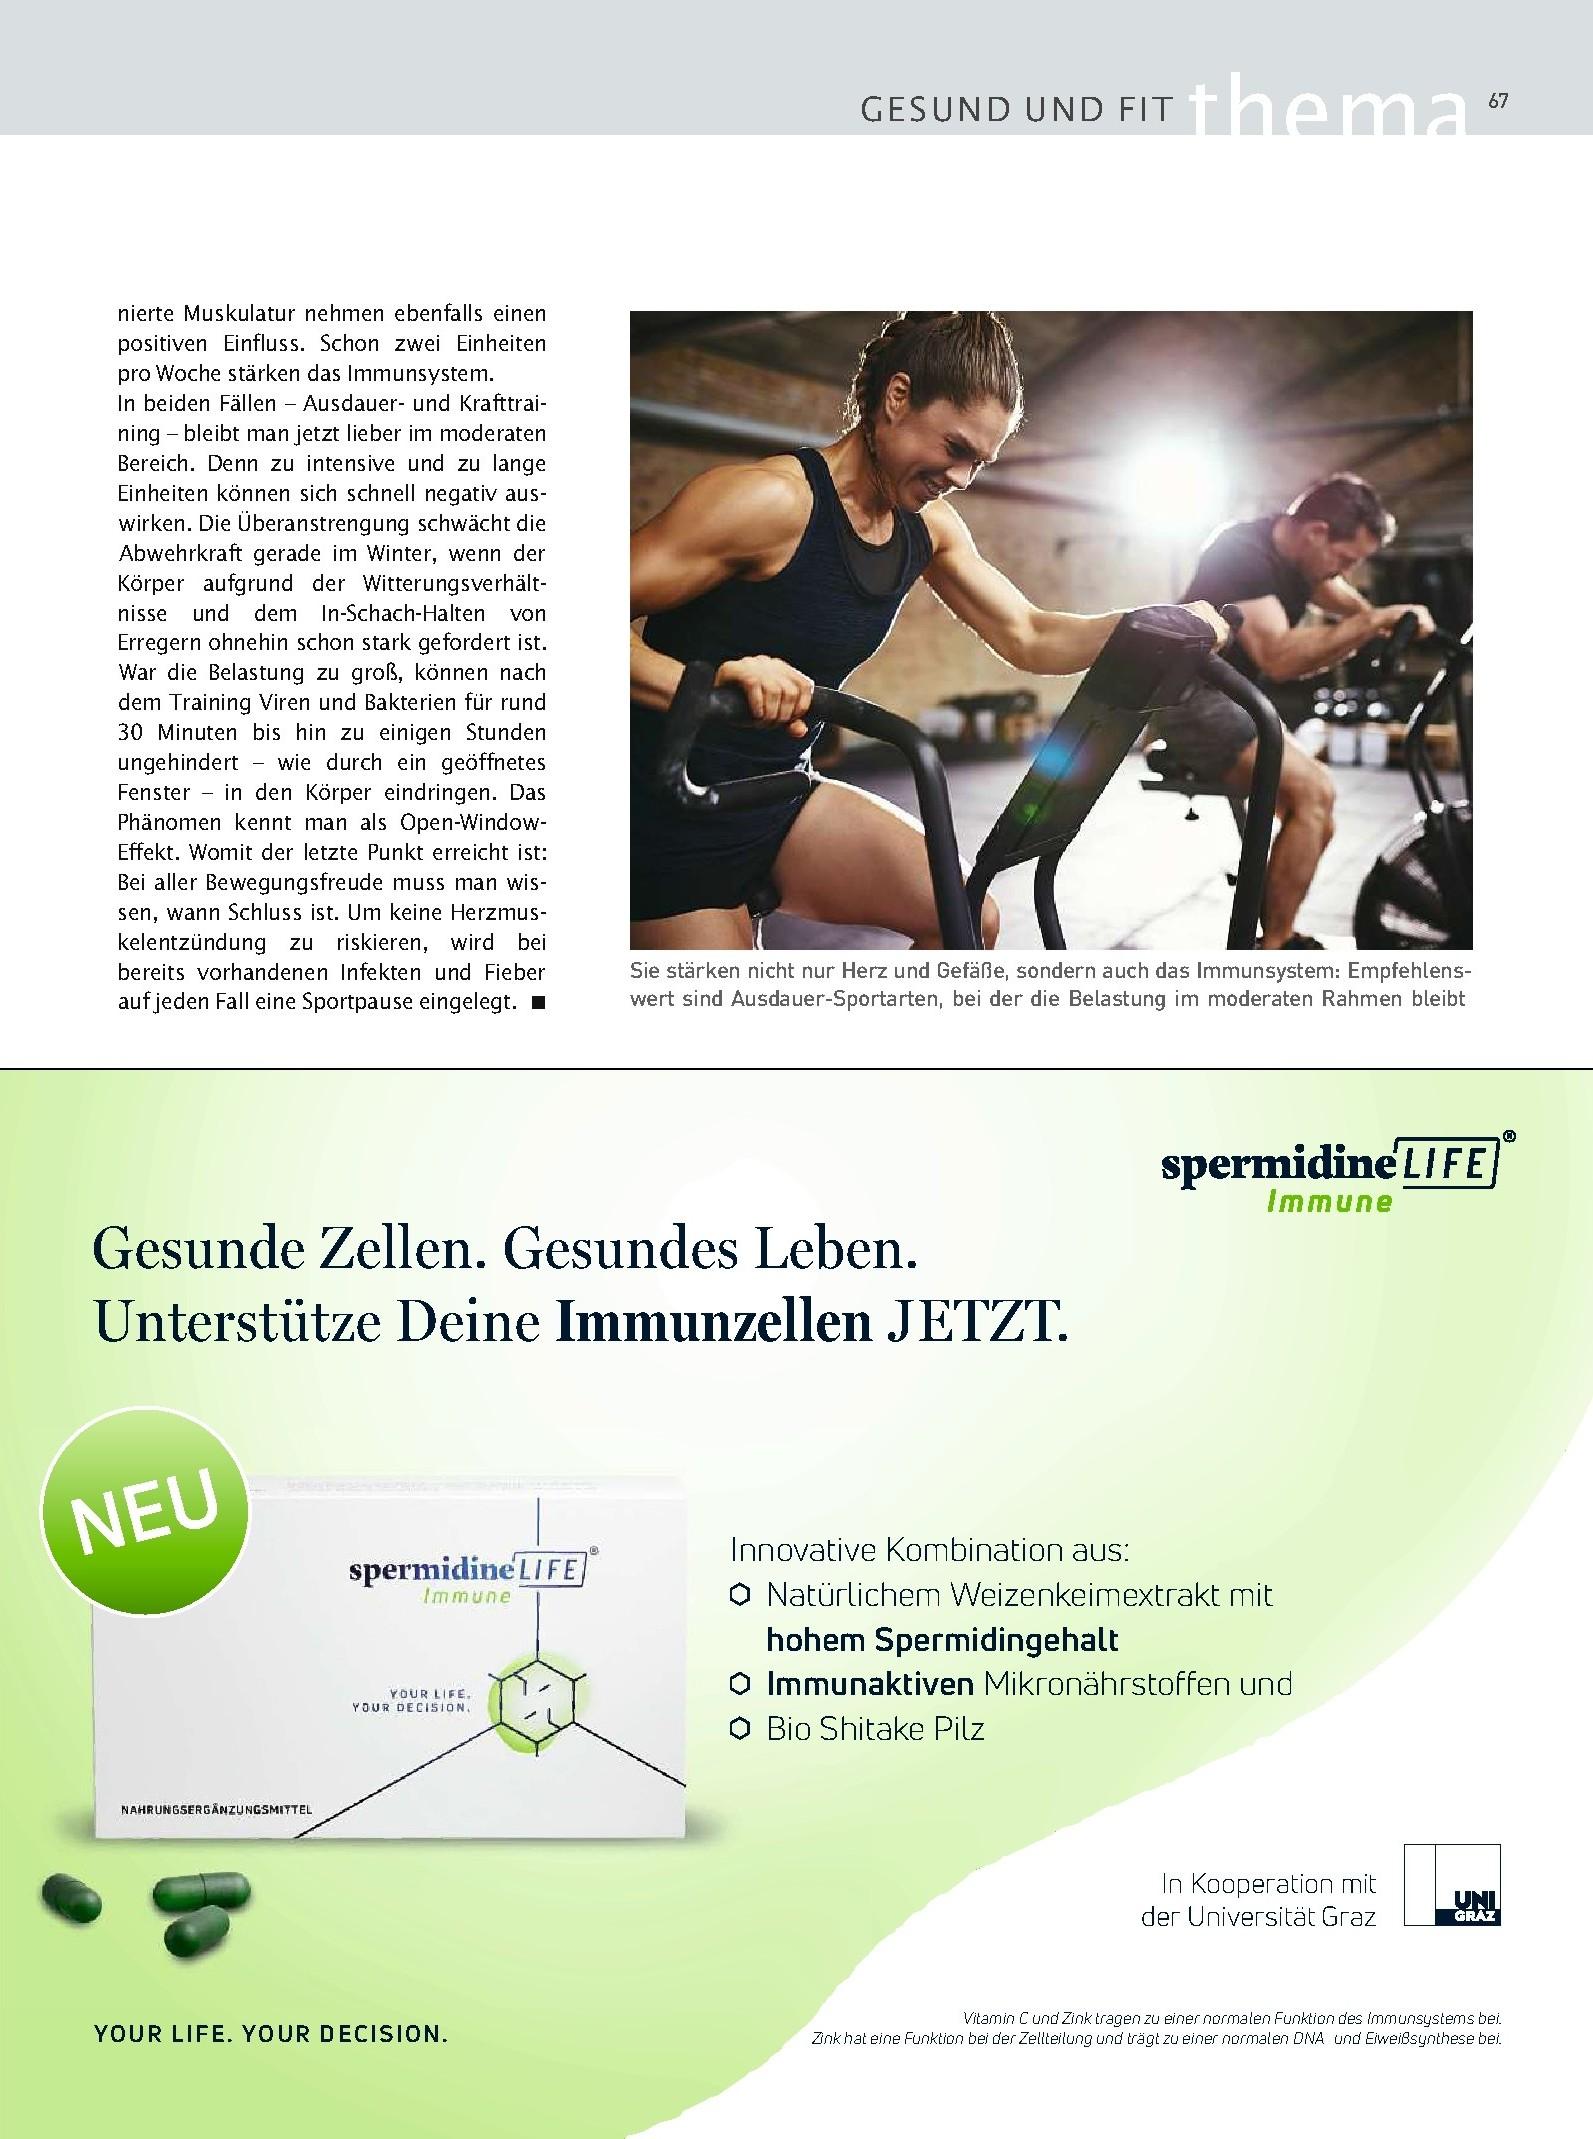 public/epaper/imported/20201024/kurier/freizeit/freizeit_20201024_067.jpg